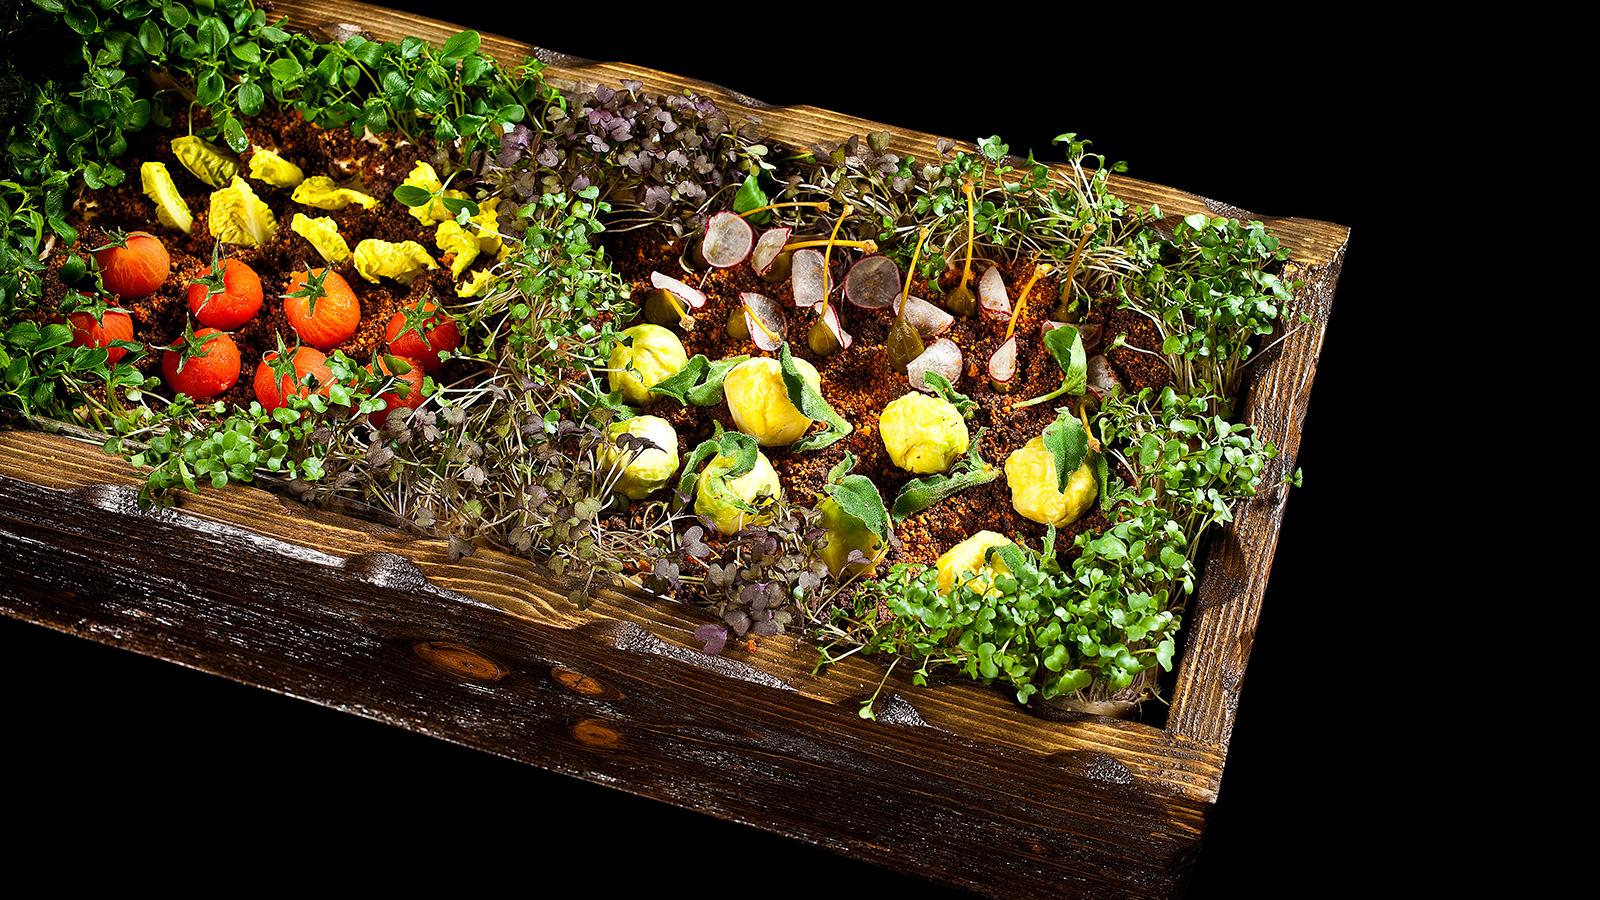 Huerto de hierbas amargas y verduras encurtidas paco for Preparacion de jardines